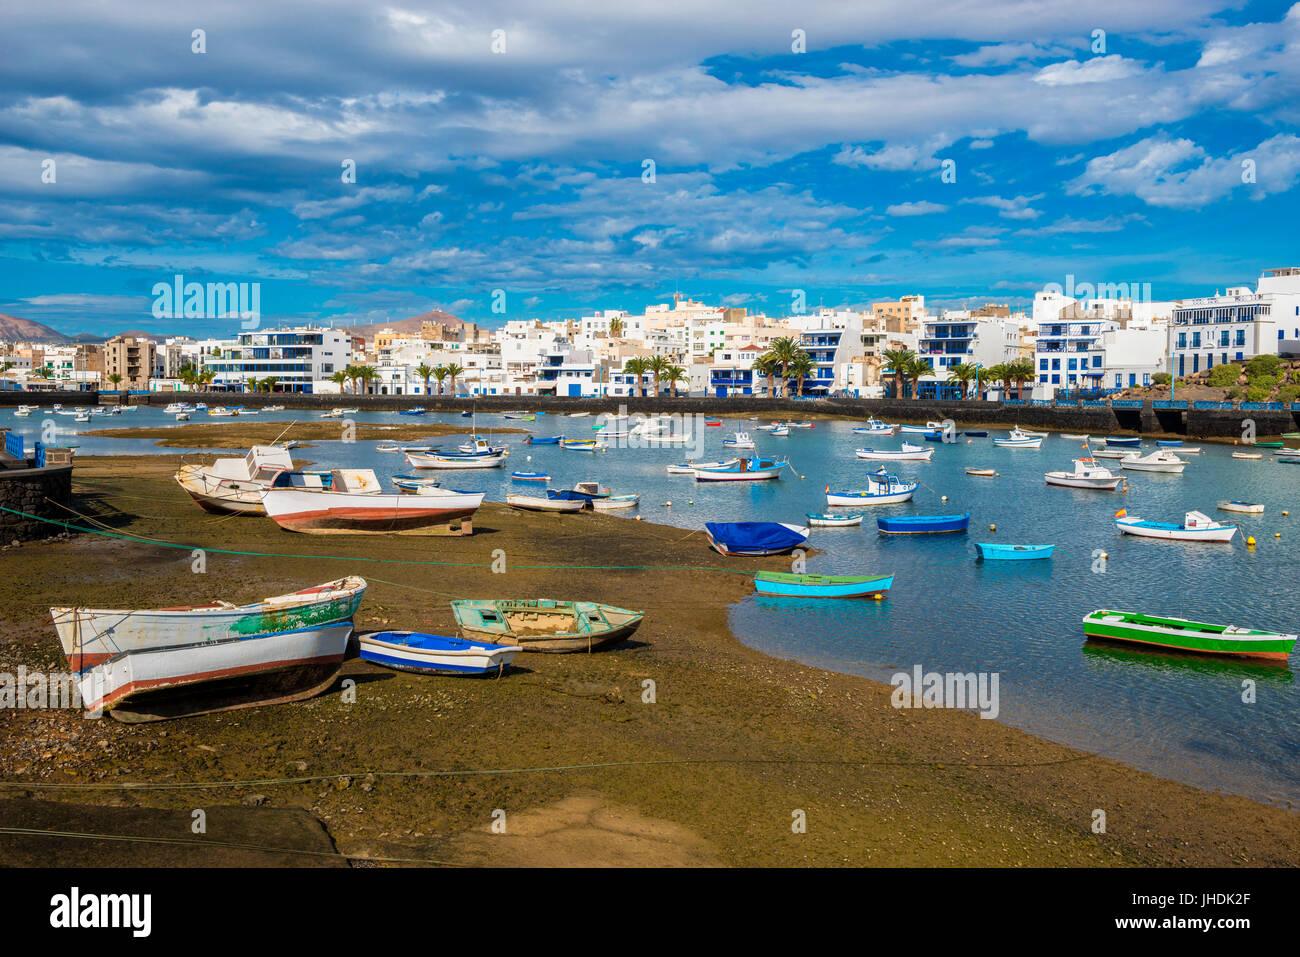 Harbor of Arrecife, Lanzarote, Canary Islands, Spain - Stock Image